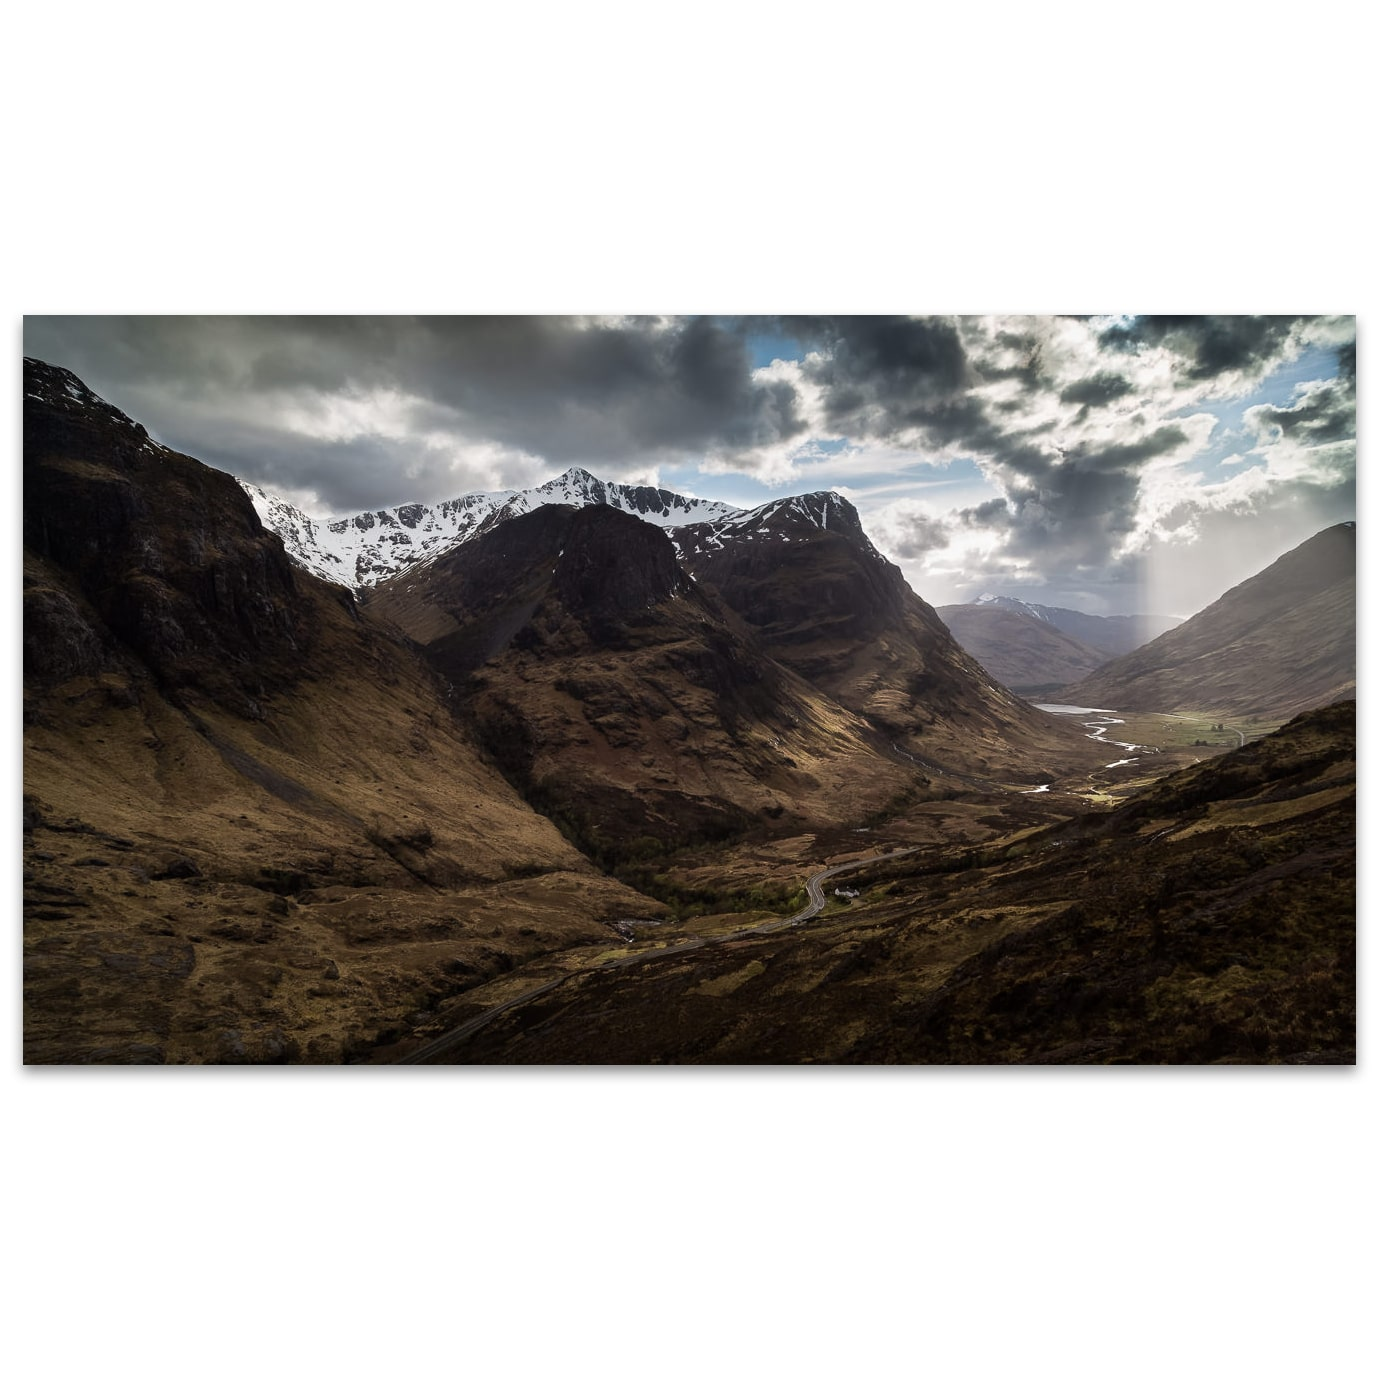 Les Trois Sœurs de Glencoe dans les Highlands en Écosse